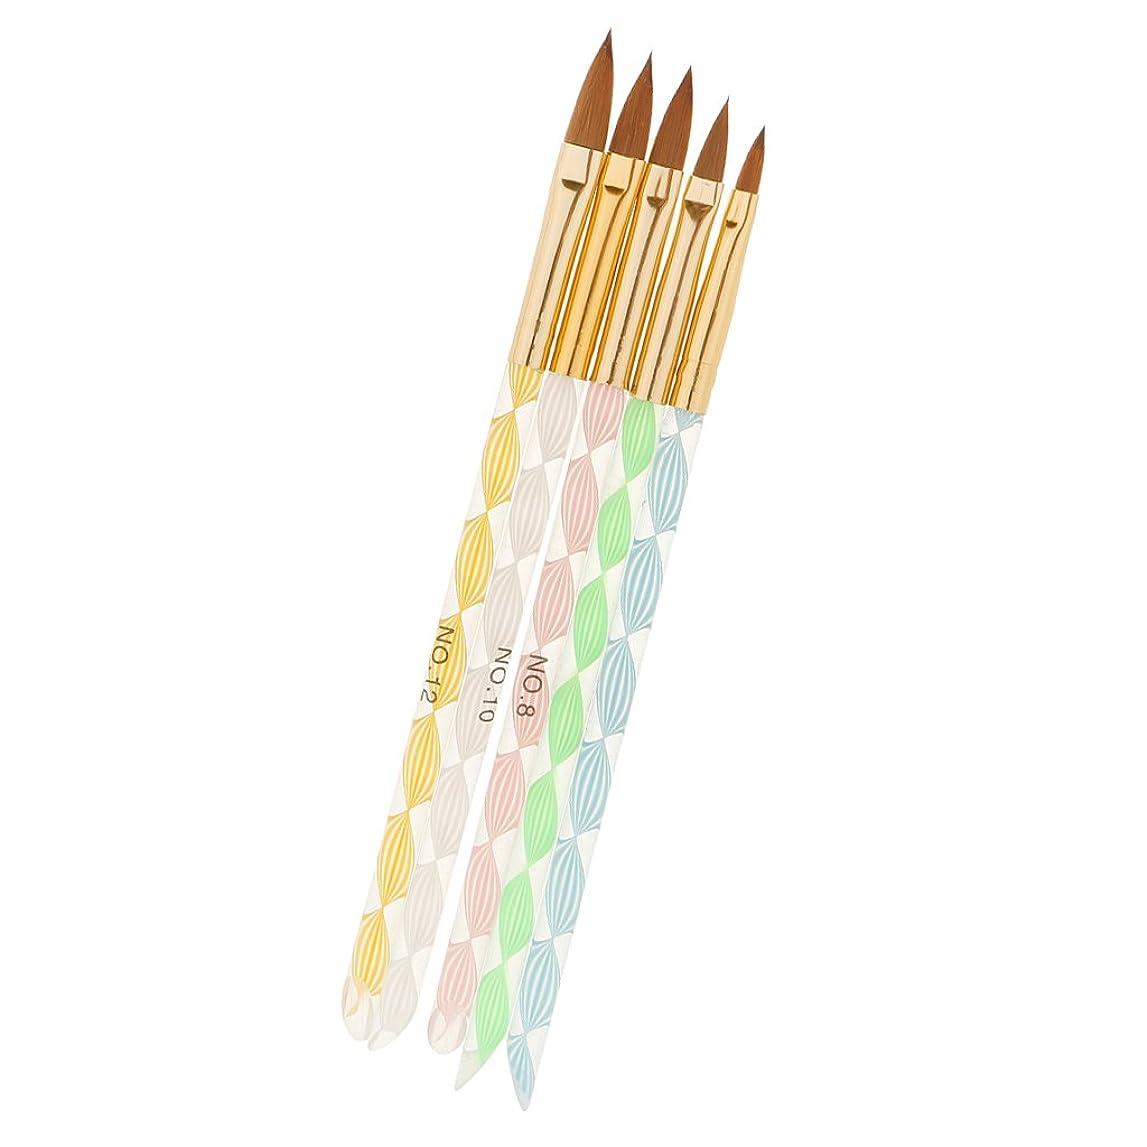 困ったプランター山積みのF Fityle 5本セット 絵画 描画 磨き ブラシ ネイルアート デザイン ブラシキット マニキュアツール